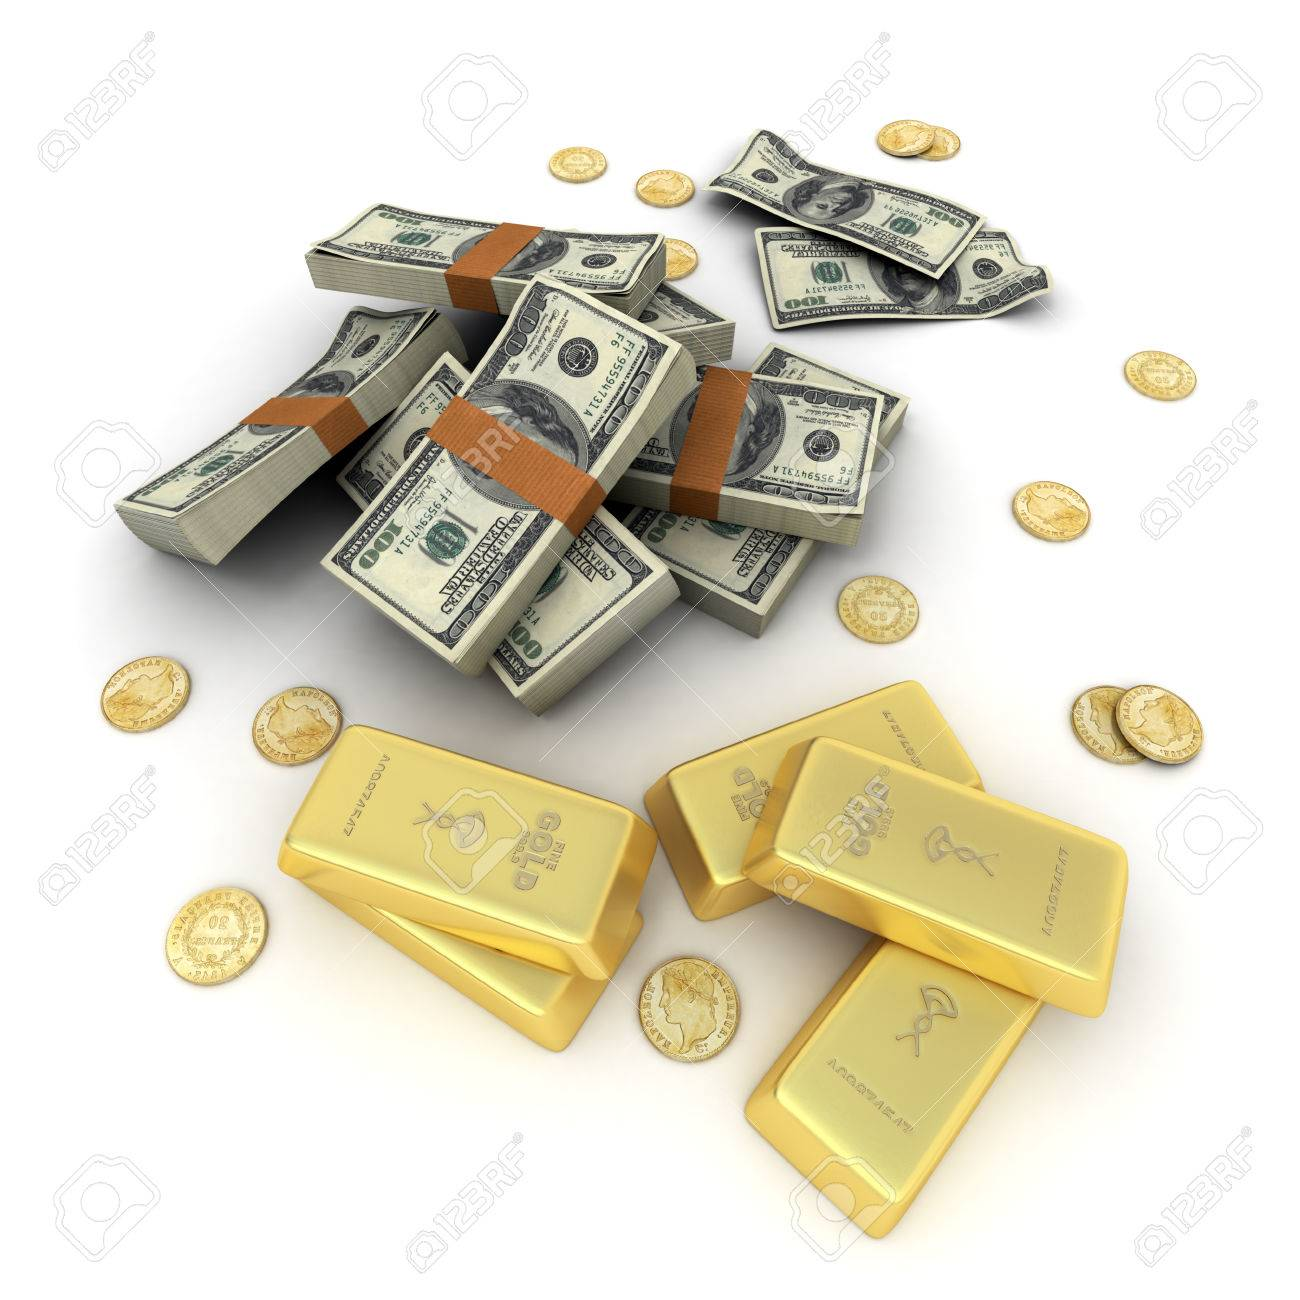 Una Fortuna En Billetes De Dólar Lingotes Y Monedas De Oro Fotos Retratos Imágenes Y Fotografía De Archivo Libres De Derecho Image 23790958